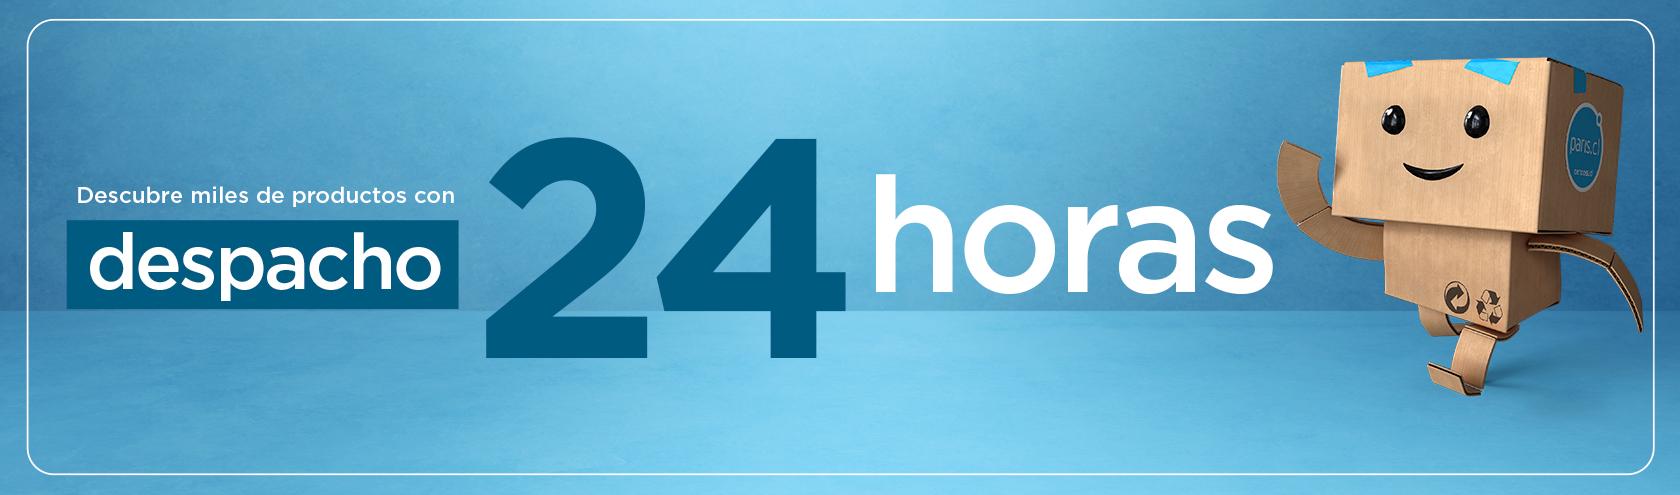 despacho 24 horas